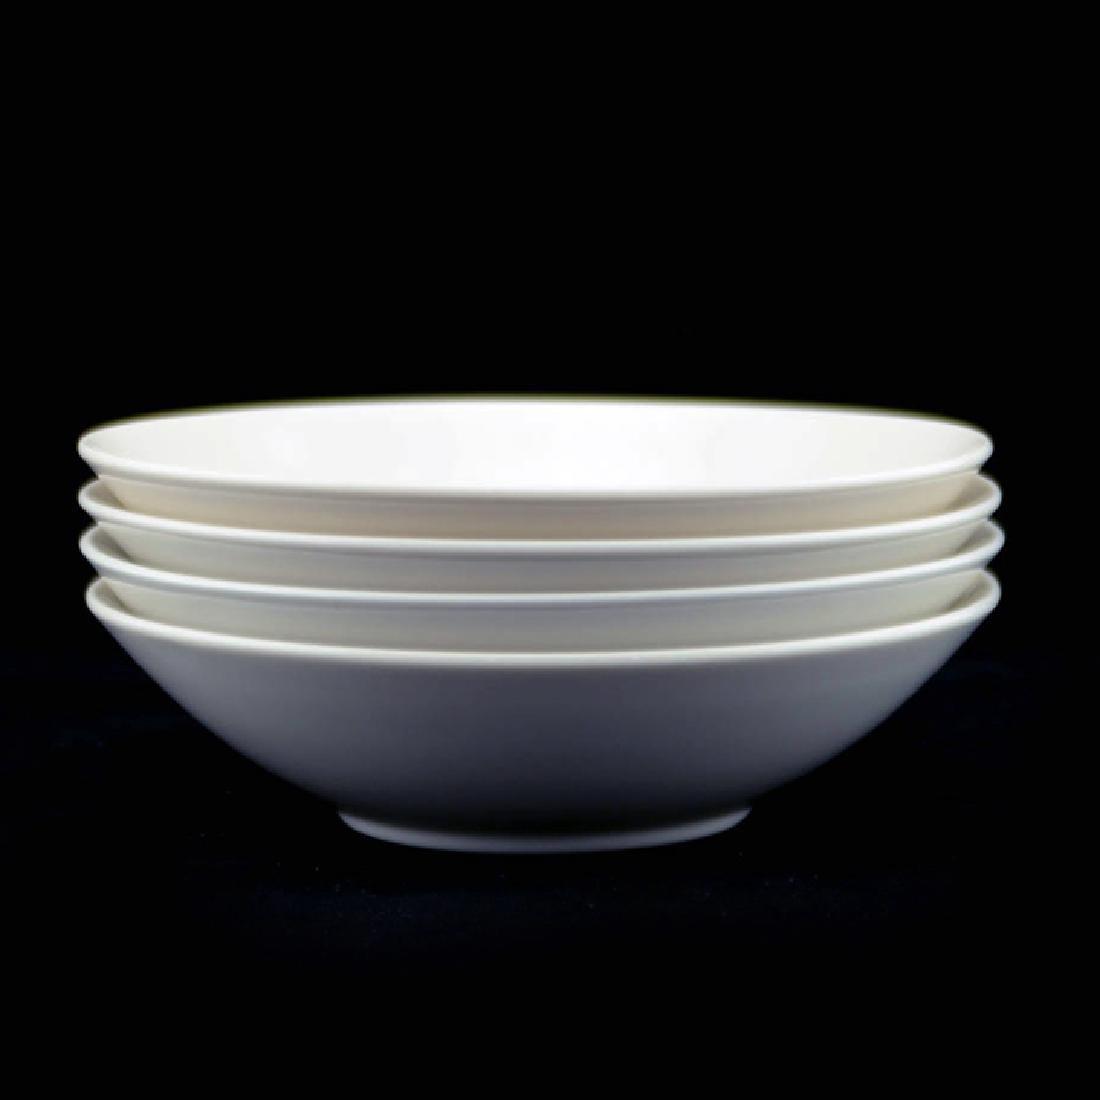 Eva Zeisel, 4 Museum Service Soup Bowls - 2